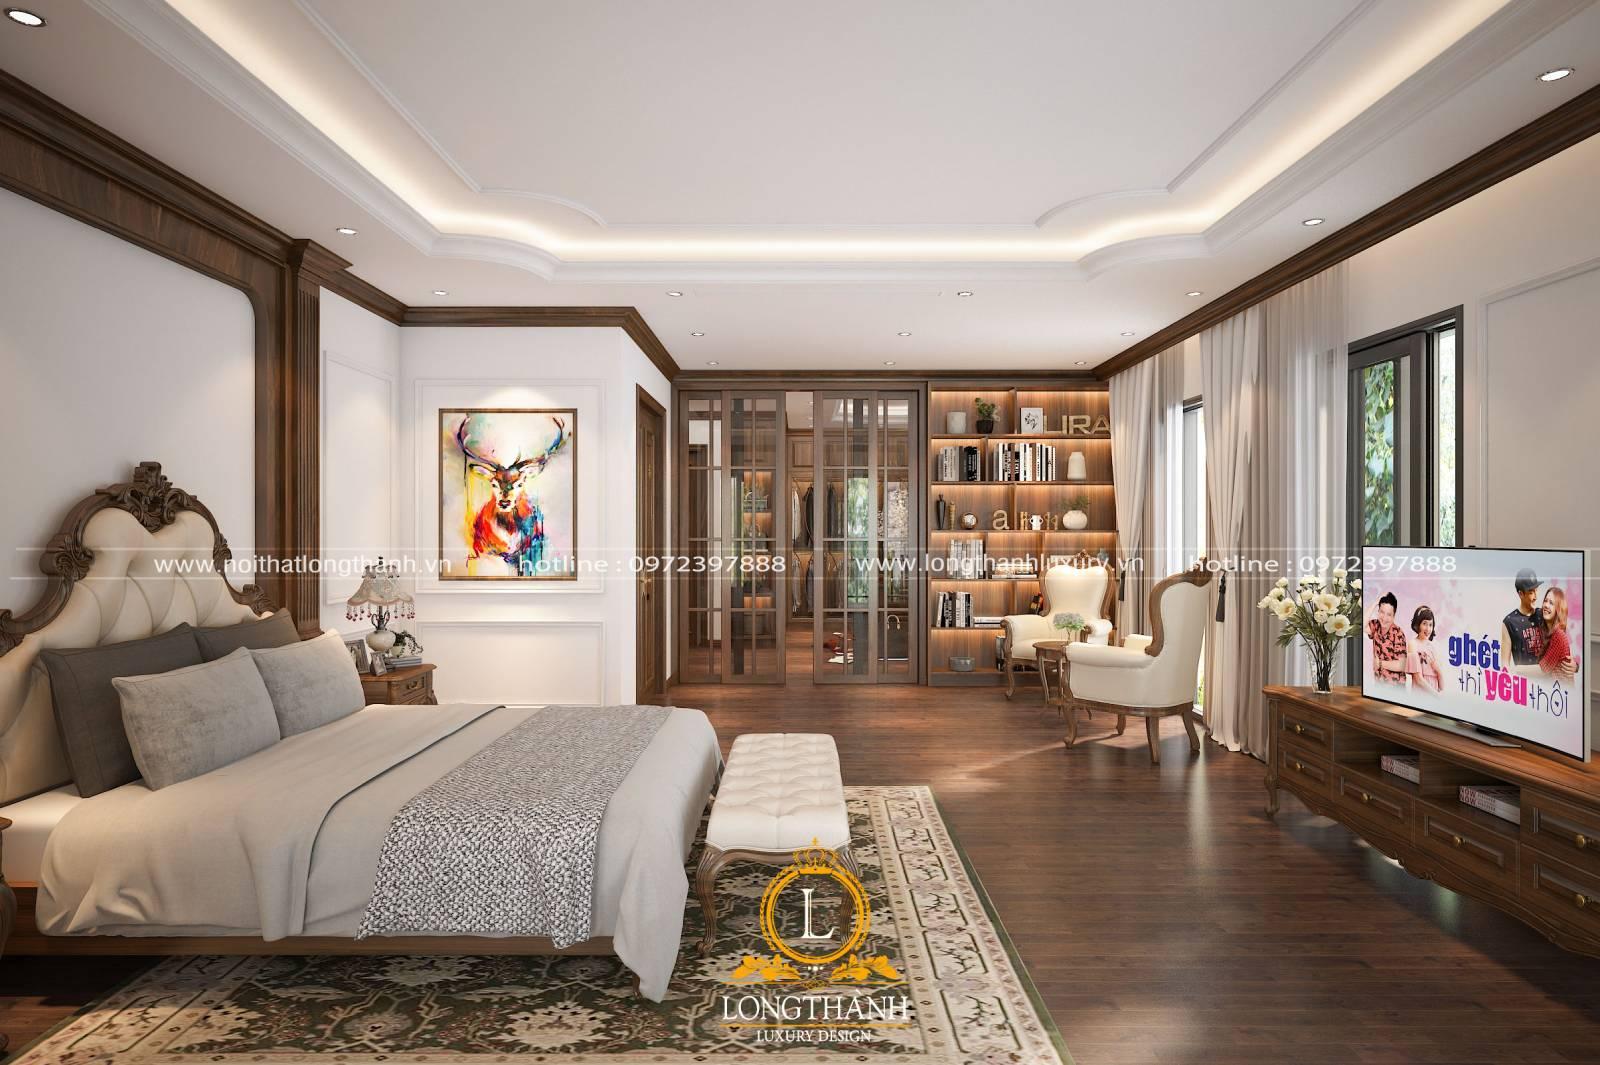 Kệ tivi có vai trò khá quan trọng với gia chủ và trong thiết kế nội thất phòng ngủ